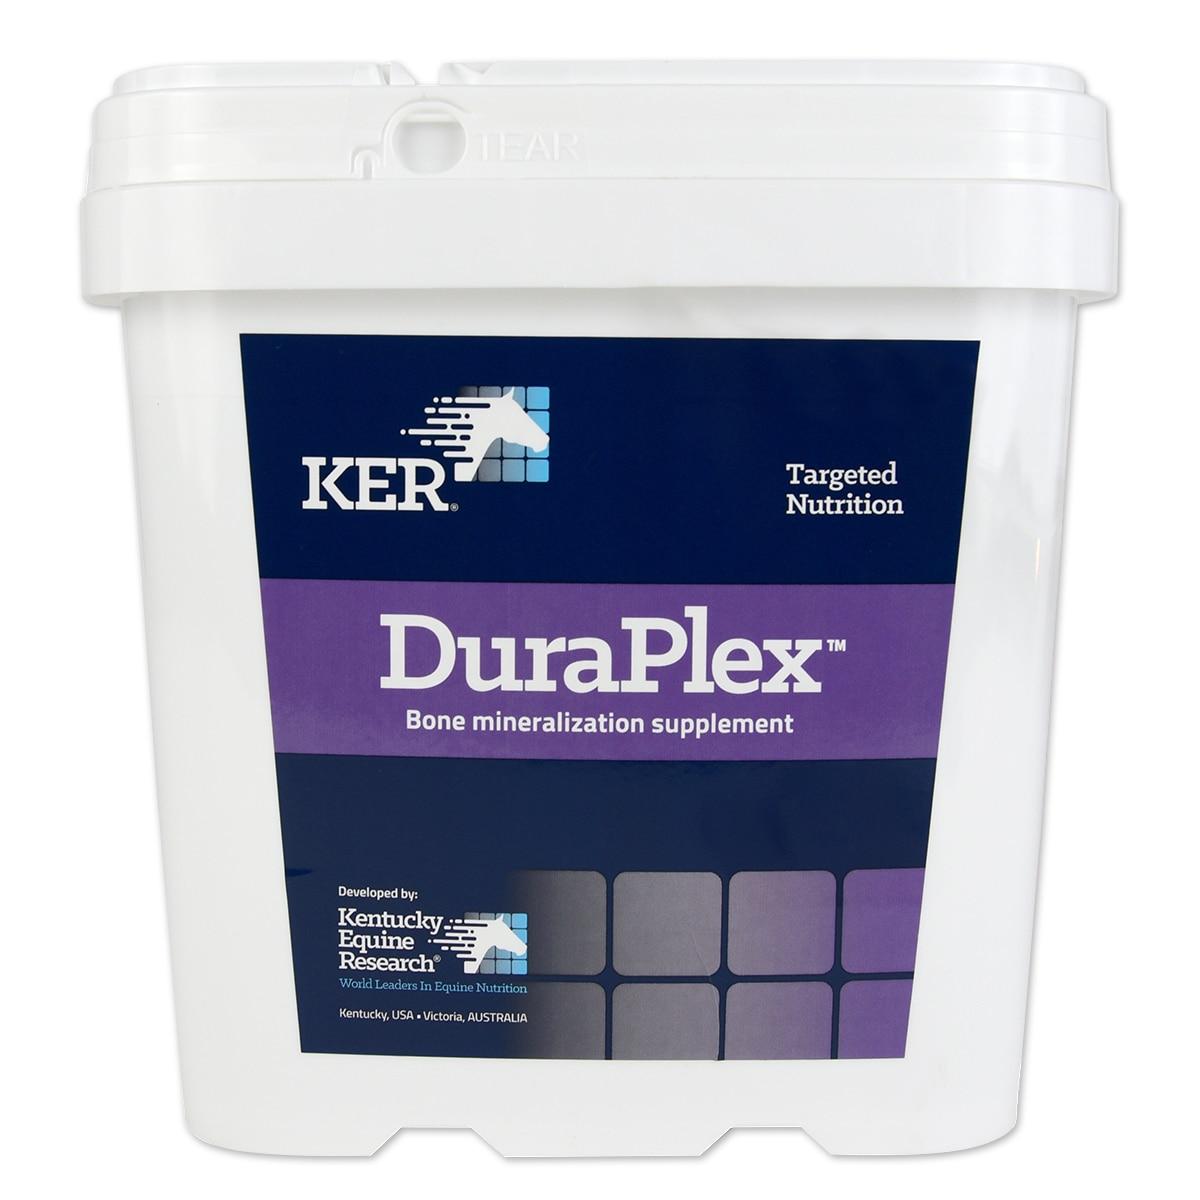 DuraPlex™